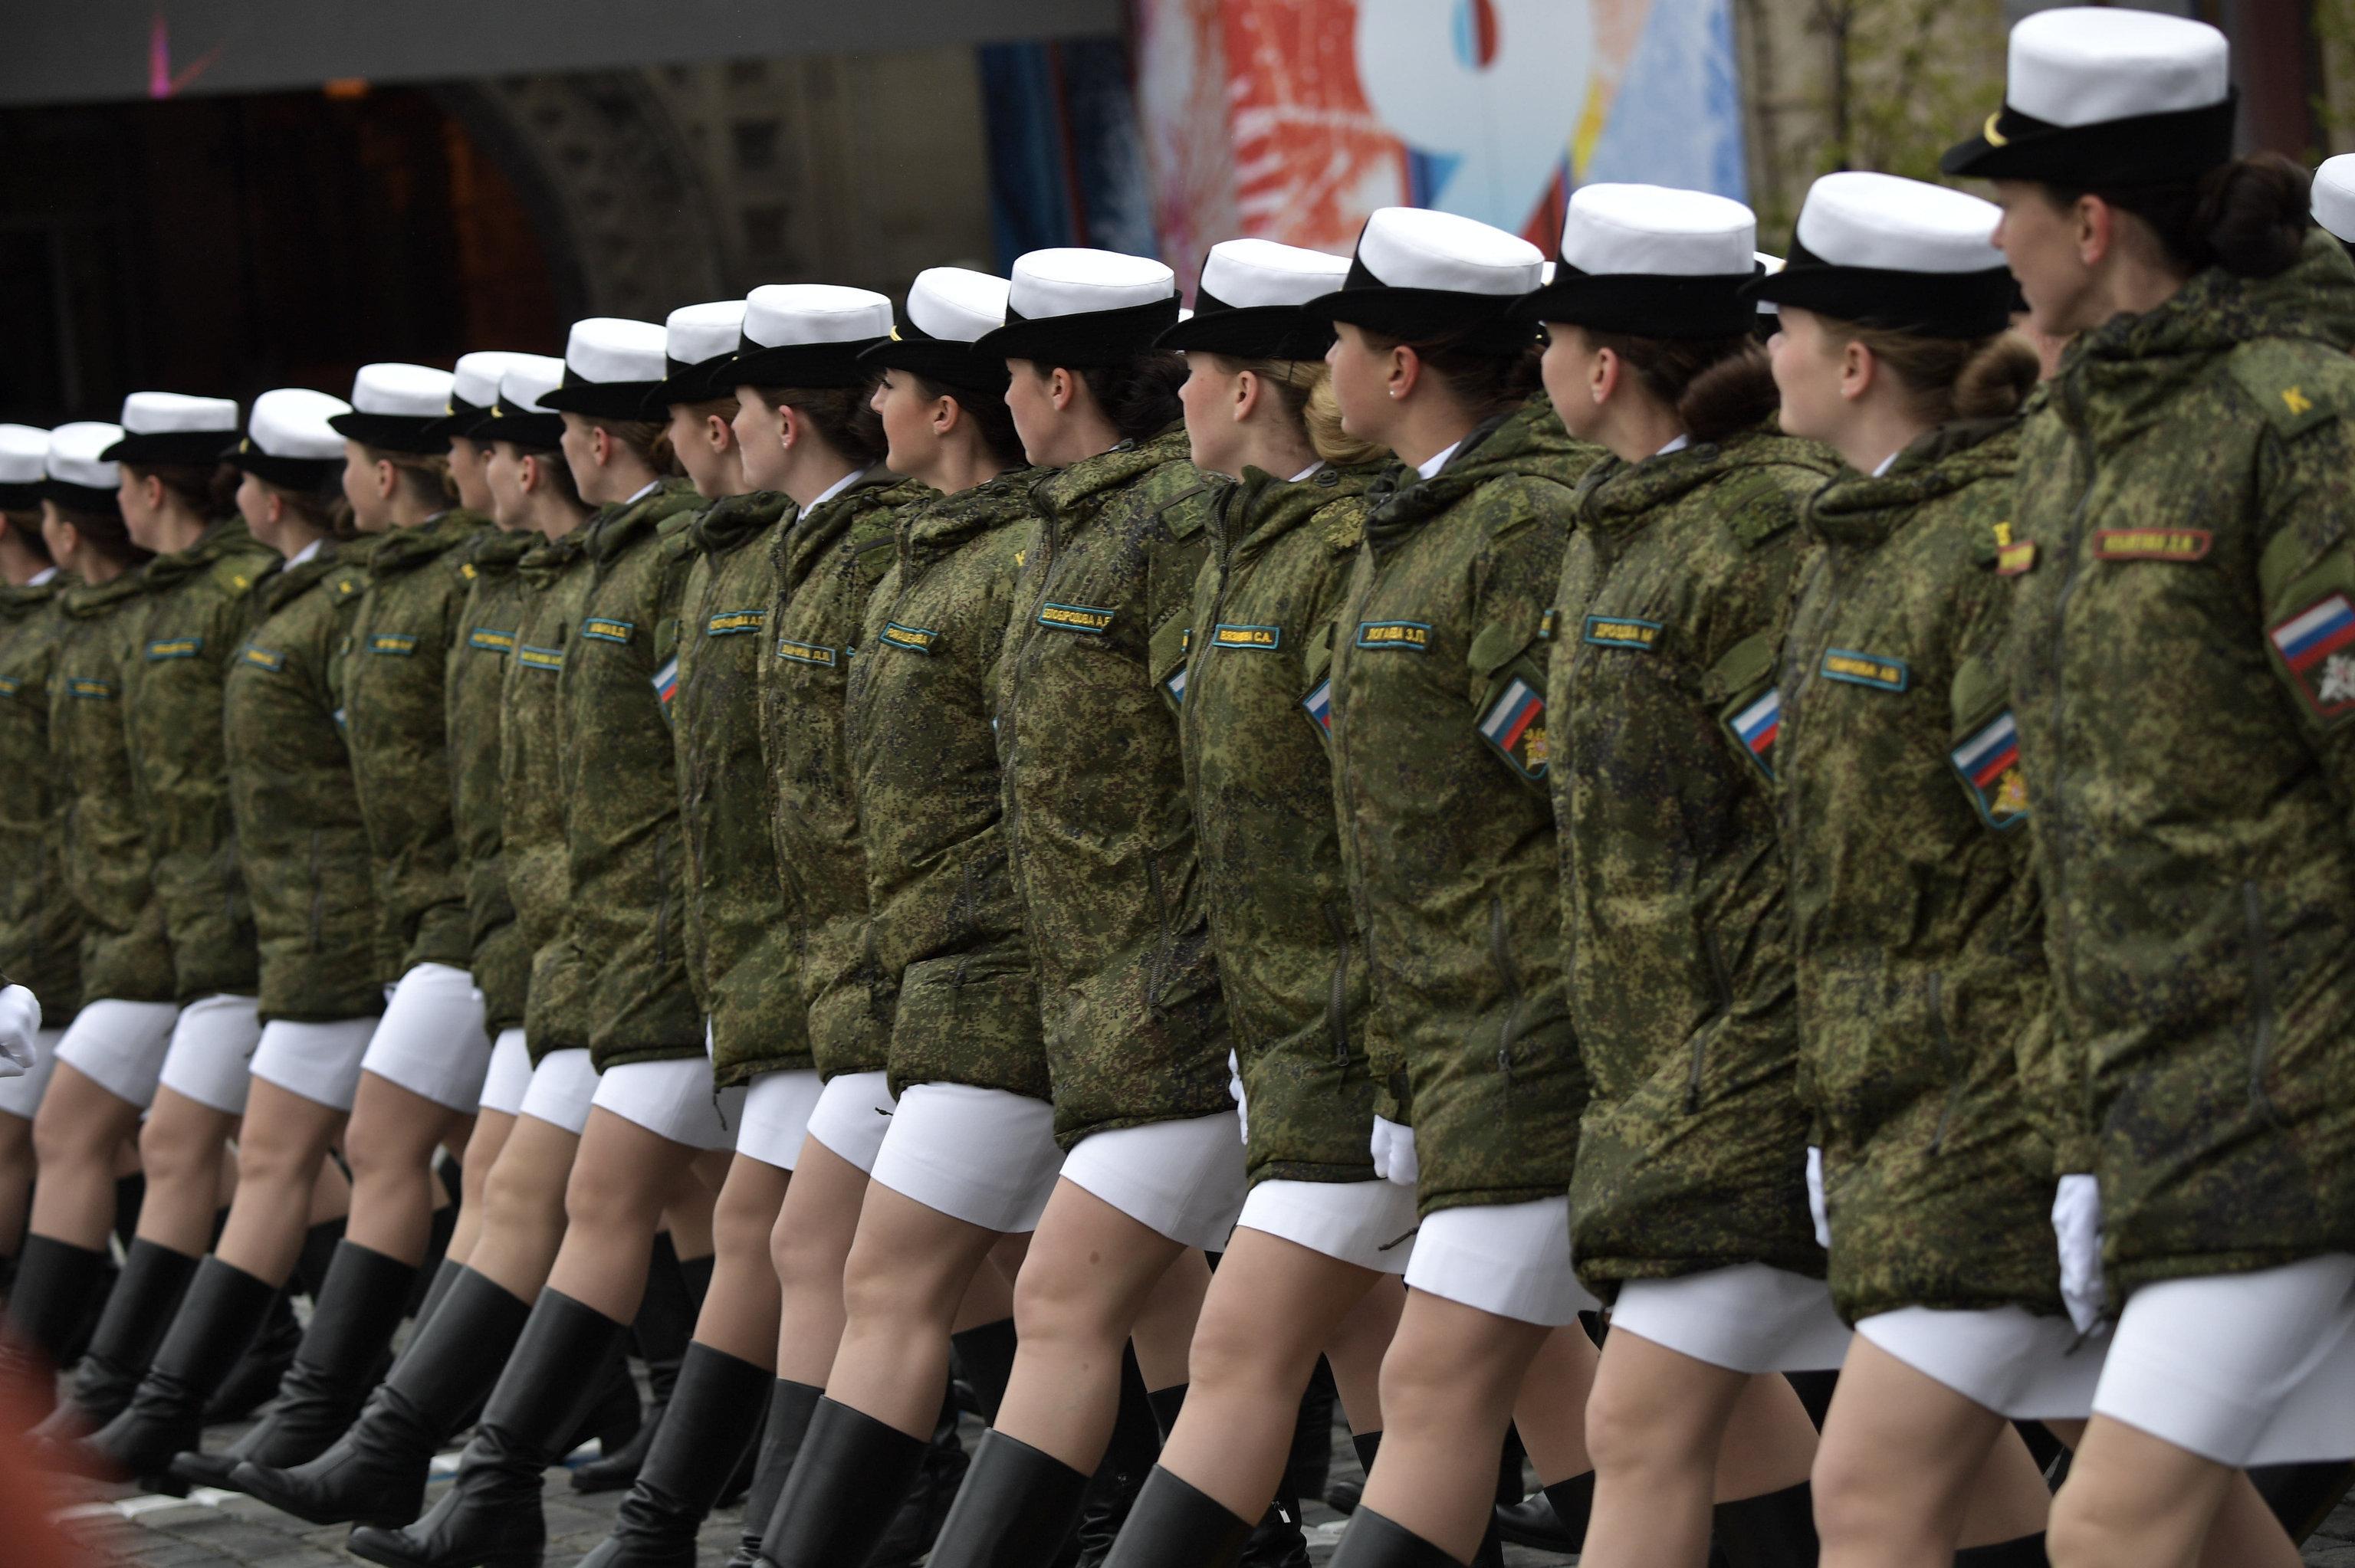 Cводный парадный расчет женщин-военнослужащих Военного университета министерства обороны РФ во время военного парада в Москве